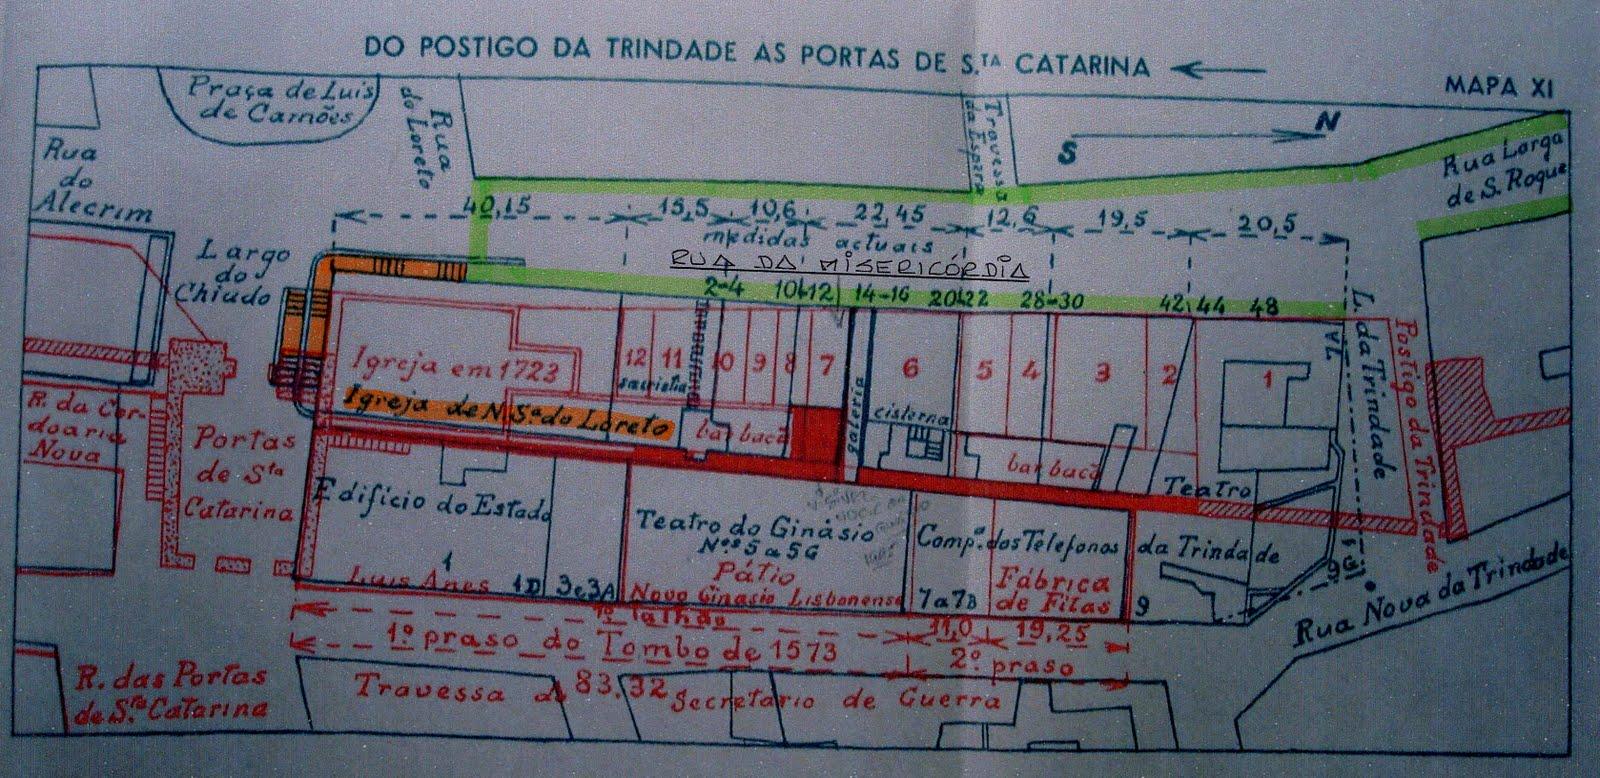 rua da misericordia lisboa mapa RUAS DE LISBOA ALGUMA HISTÓRIA: RUA DA MISERICÓRDIA [ I ] rua da misericordia lisboa mapa